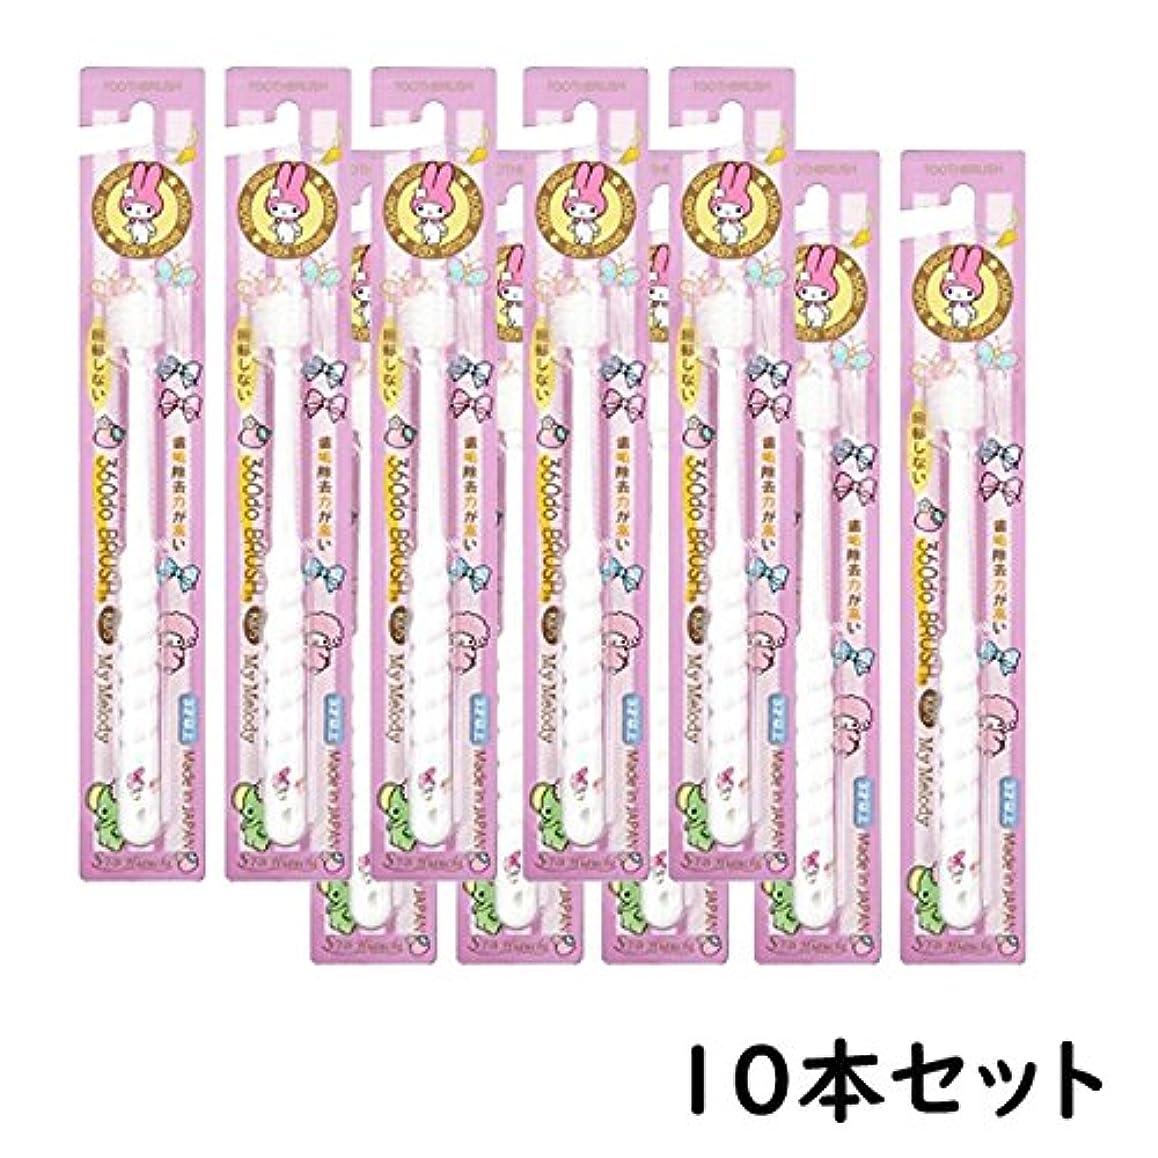 電話大砲田舎360度歯ブラシ 360do BRUSH たんぽぽの種キッズ マイメロディ (10本)